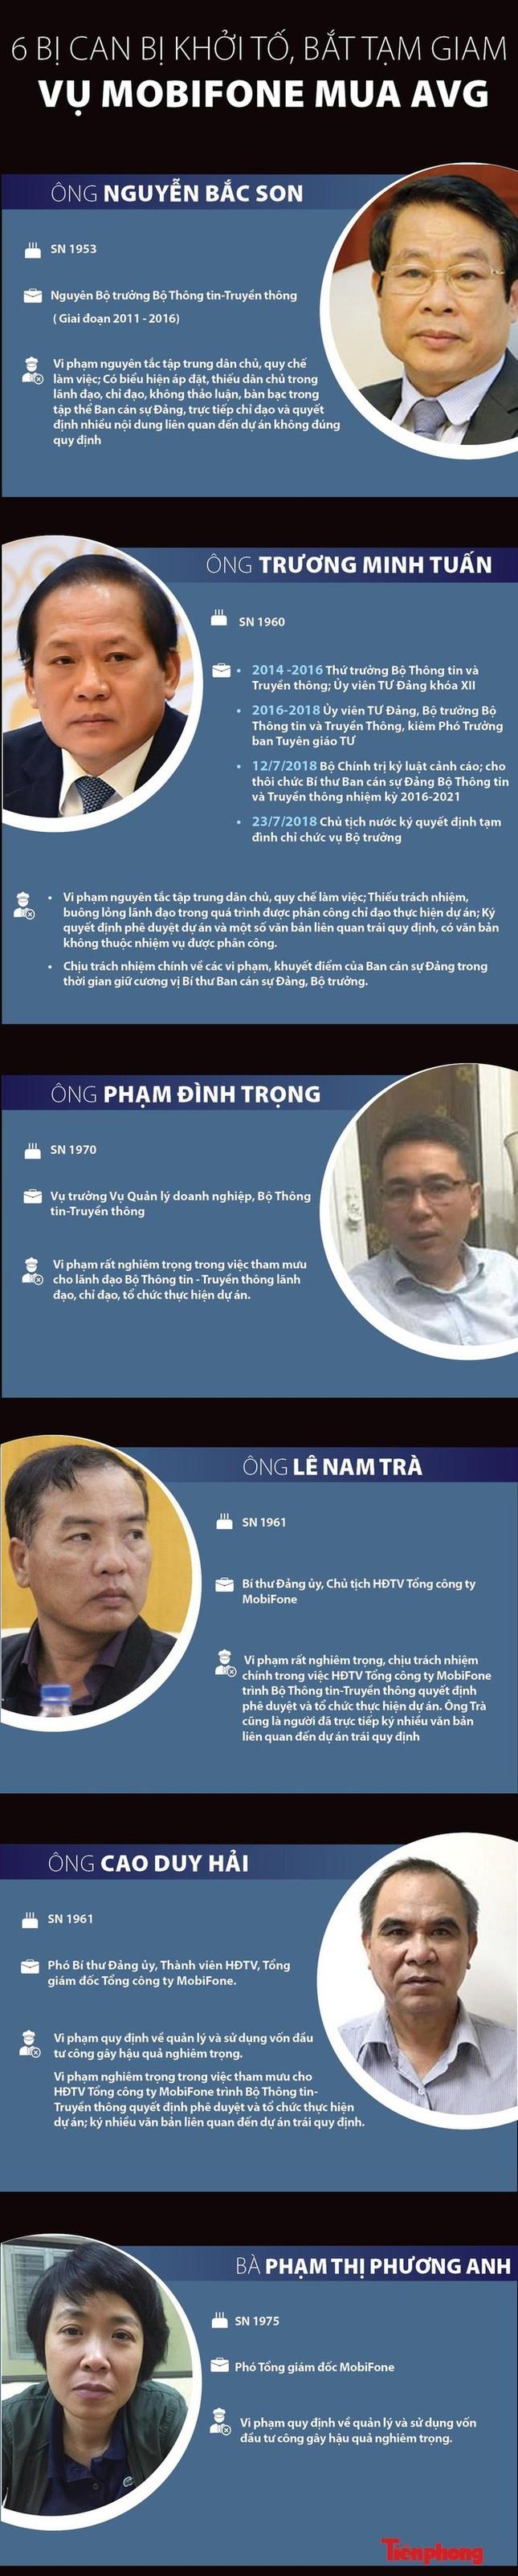 Cựu Chủ tịch Mobifone khai biếu Nguyễn Bắc Son 700.000 USD 'tiêu Tết' ảnh 3